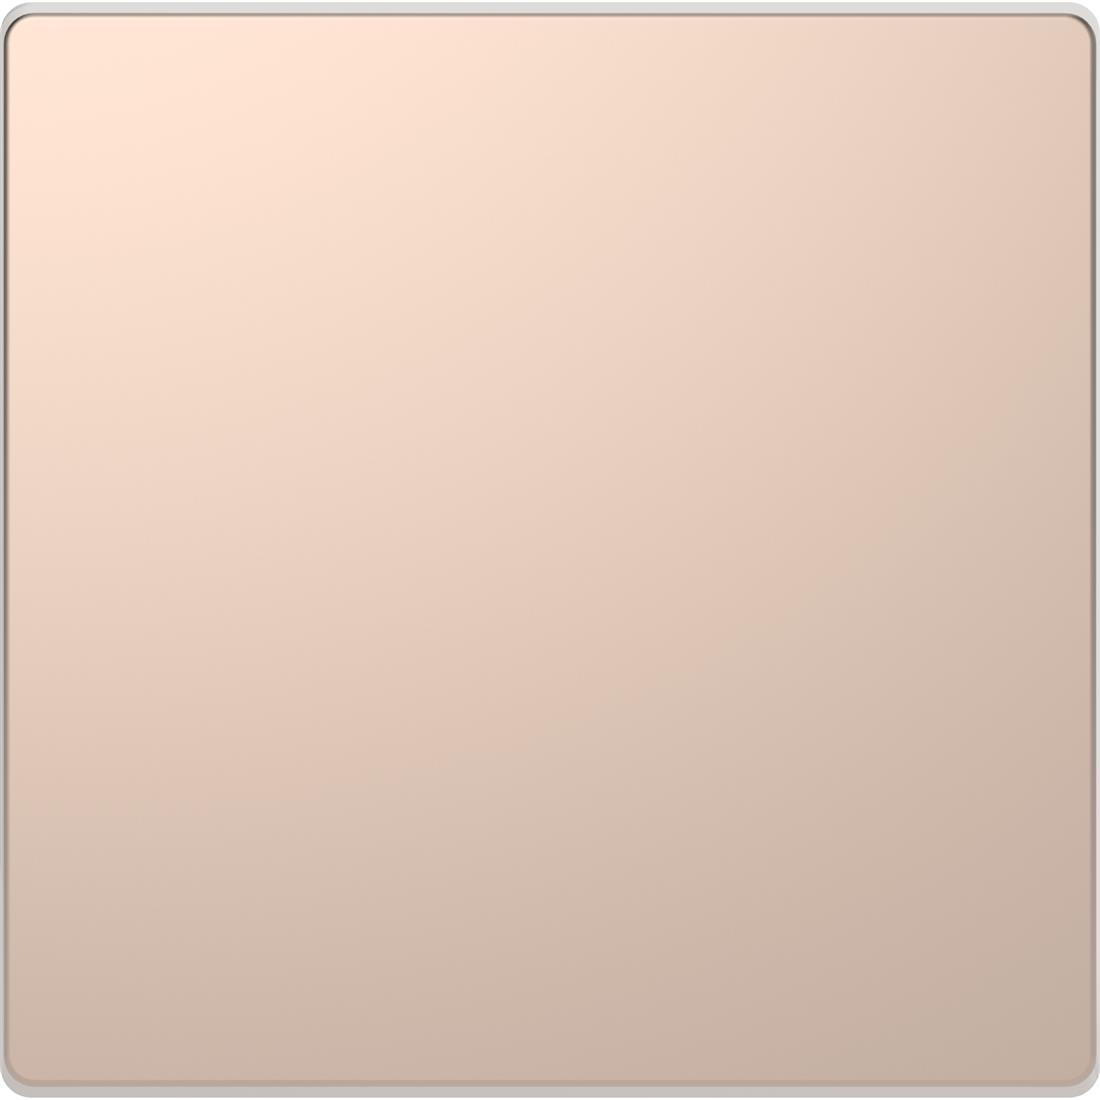 Schneider-Merten D Life schakelwip voor wisselschakelaar - champagne metallic (MTN3300-6051)